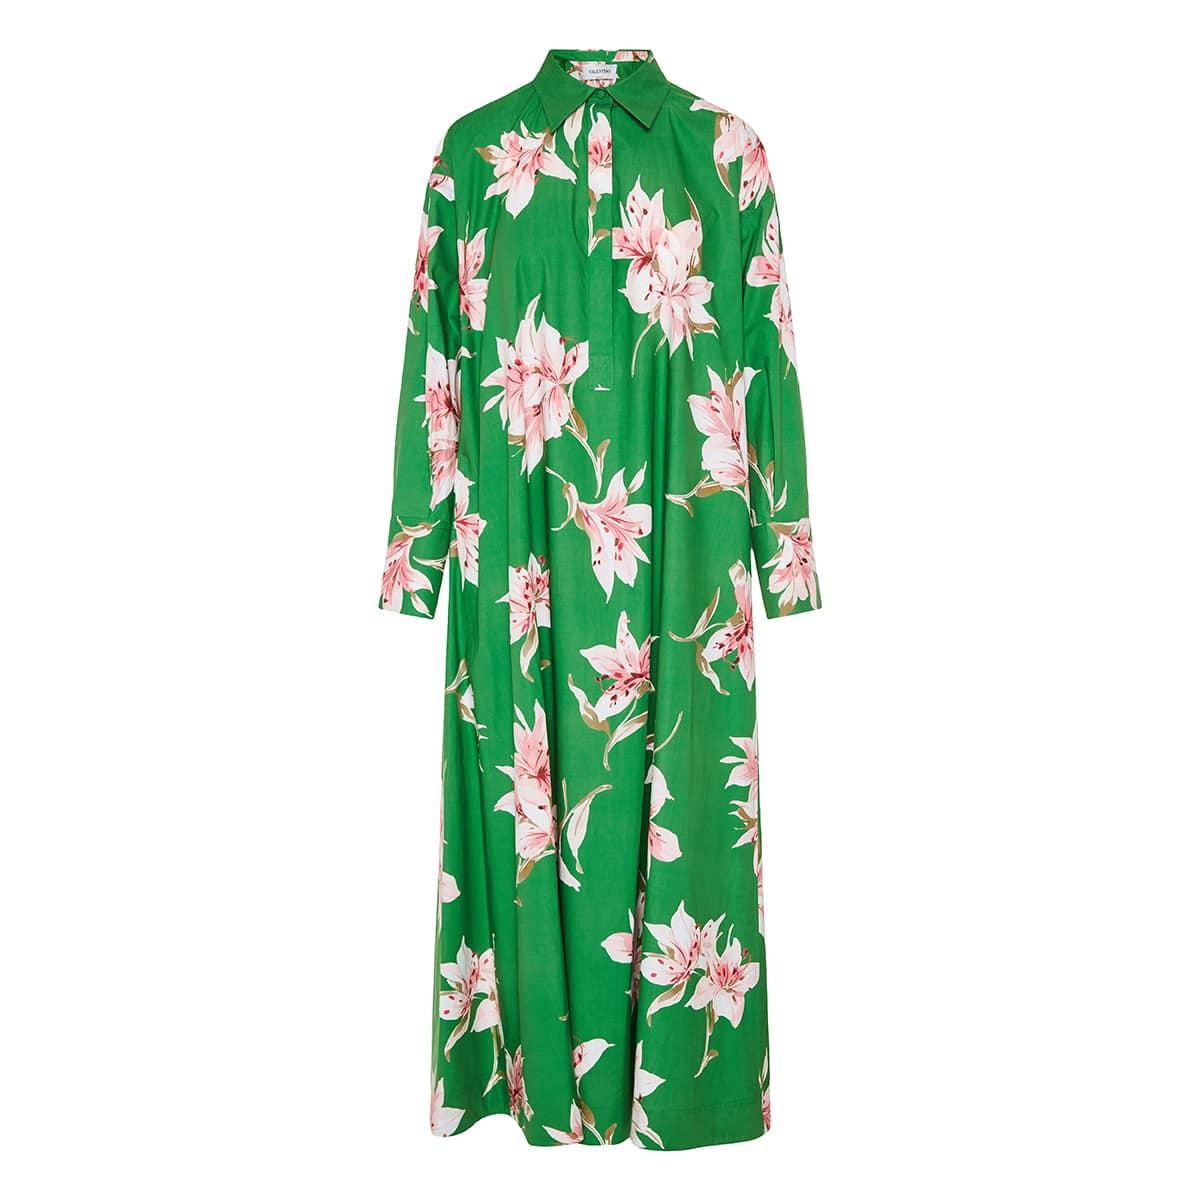 Floral cotton long dress